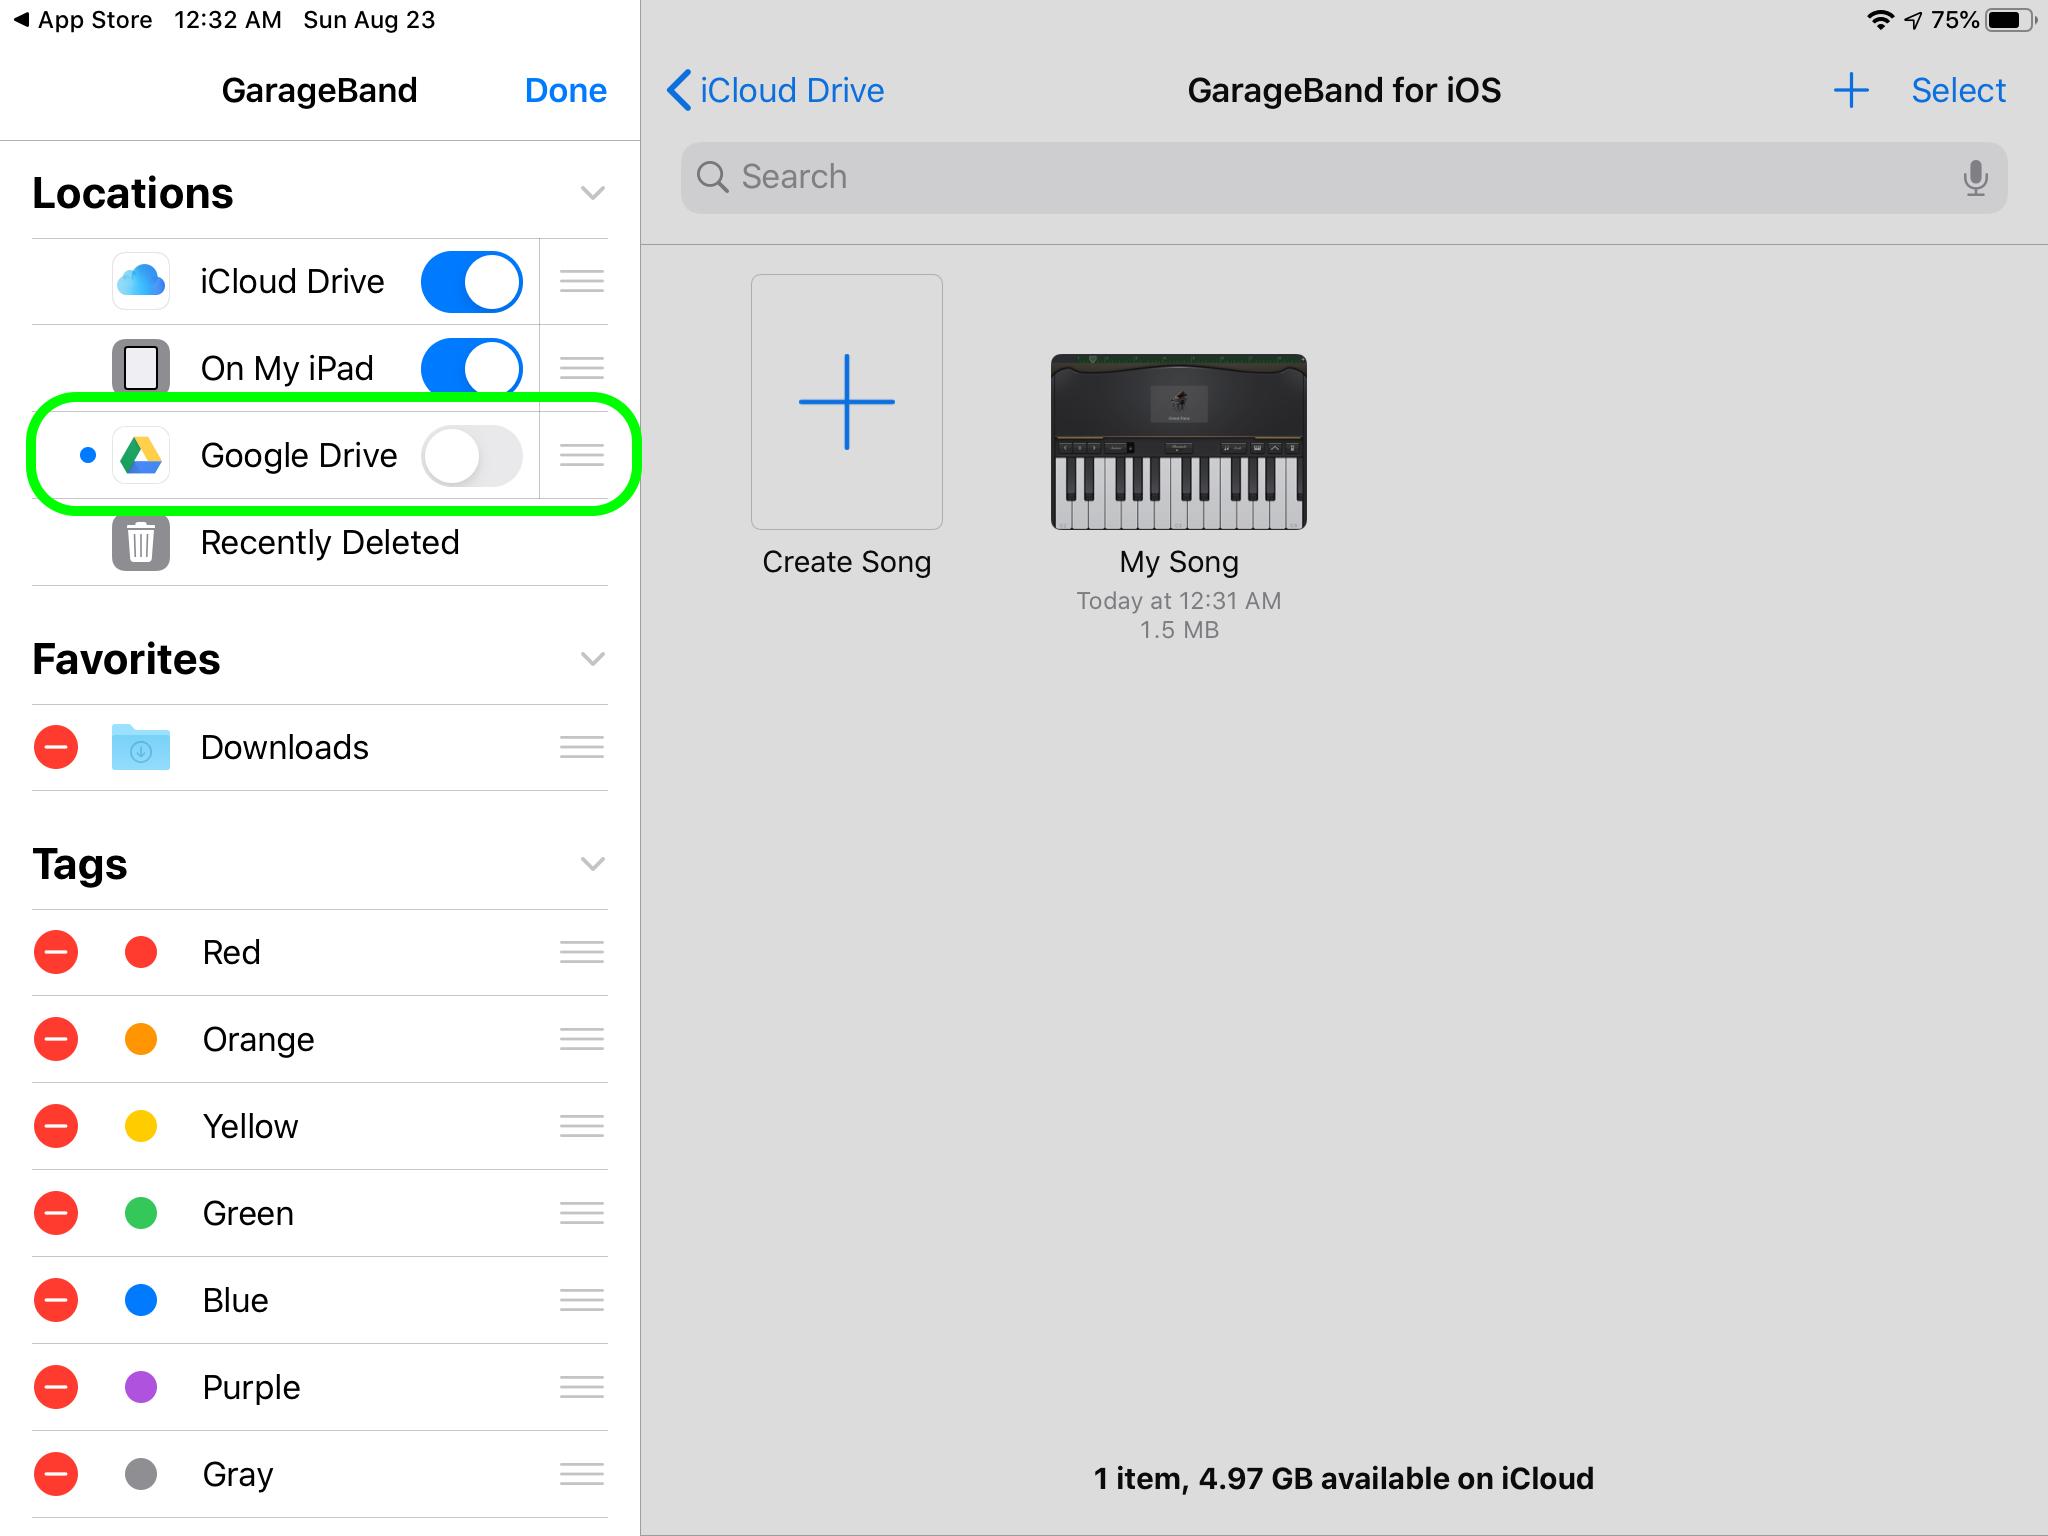 GarageBand Поделиться на Диске 2